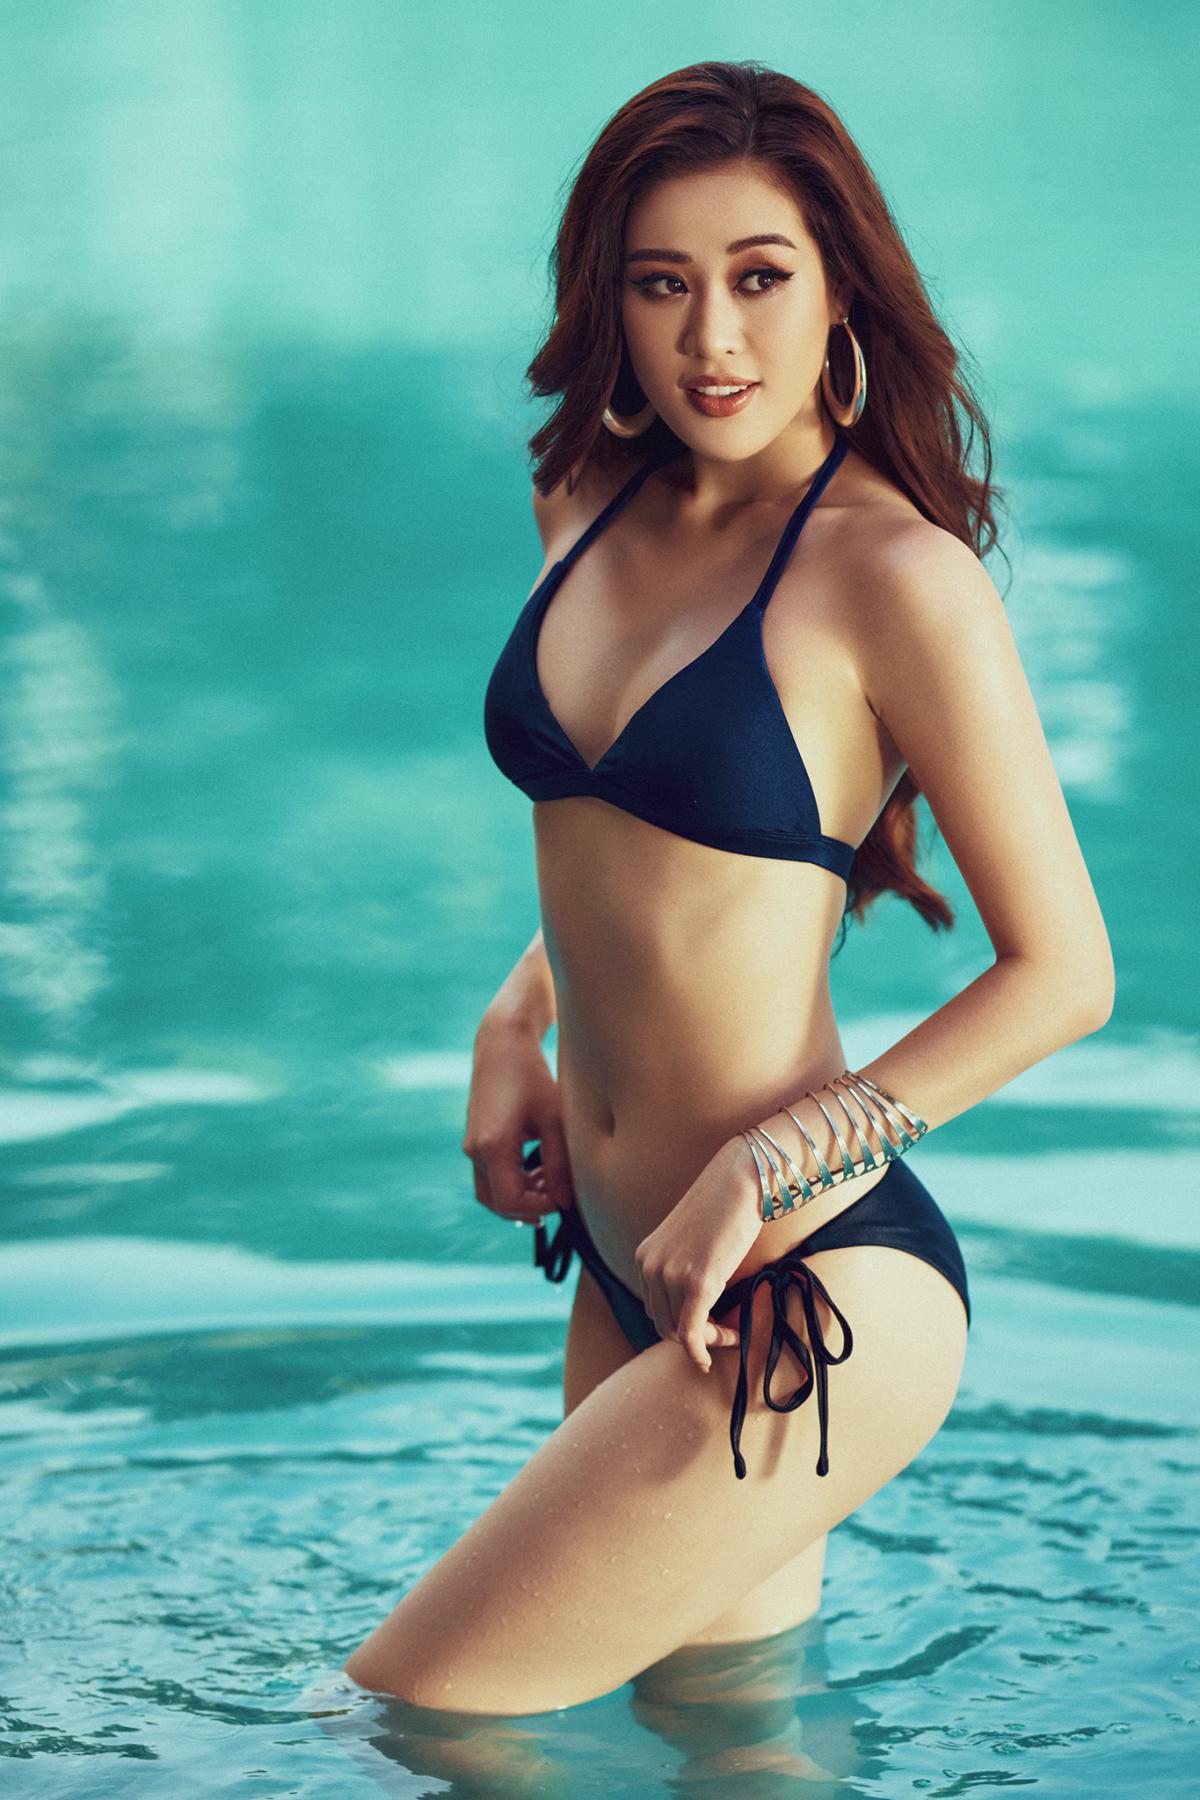 Mãn nhãn bộ ảnh bikini nóng bỏng của Hoa hậu Khánh Vân tại hồ bơi - Ảnh 1.